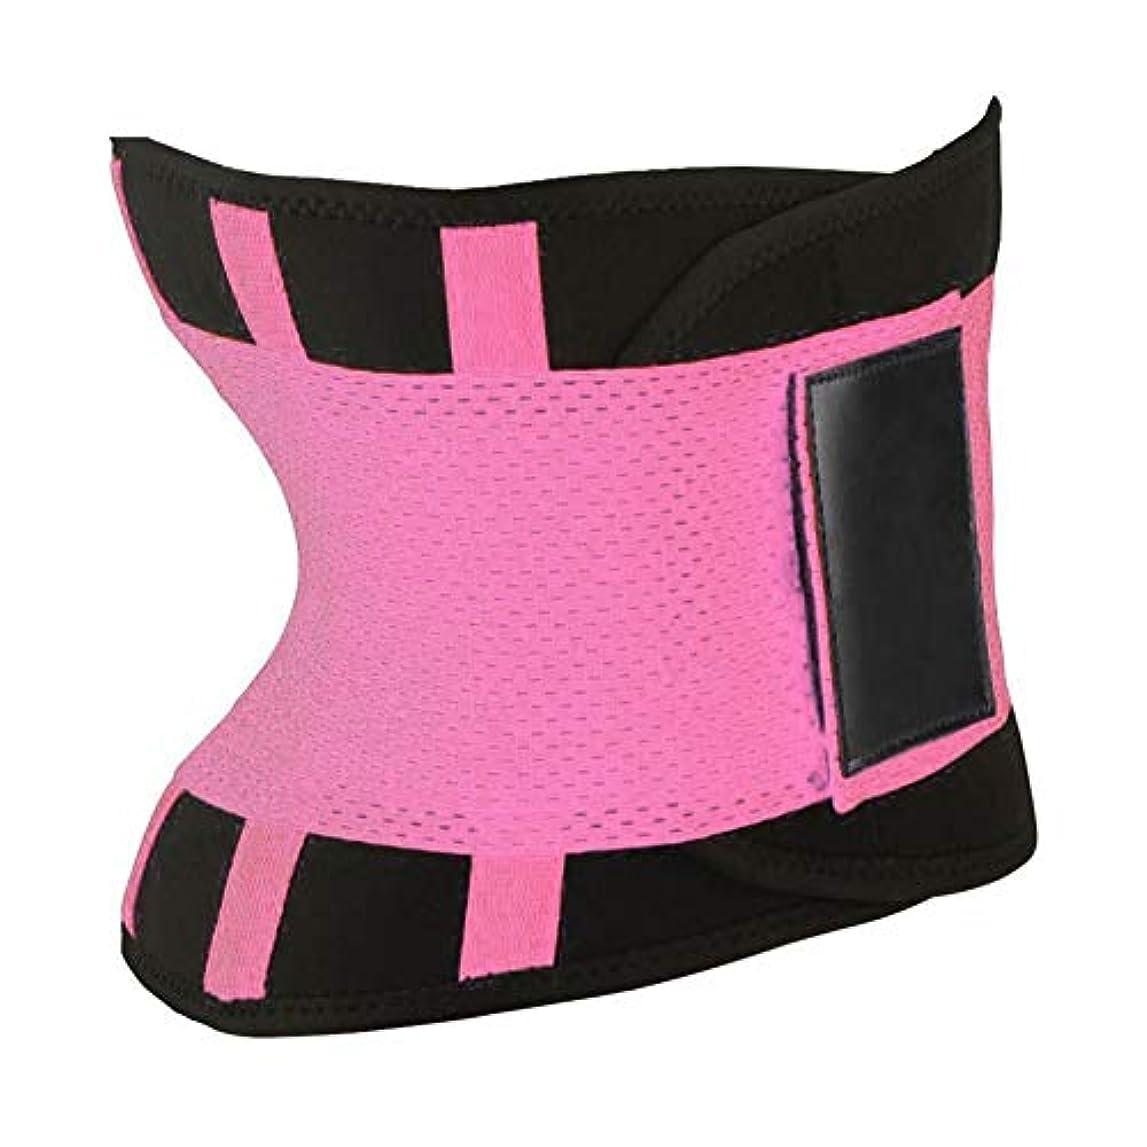 ベンチャー試みる世界的に快適な女性ボディシェイパー痩身シェイパーベルトスポーツ女性ウエストトレーナーニッパー制御バーニングボディおなかベルト - ピンク2xl